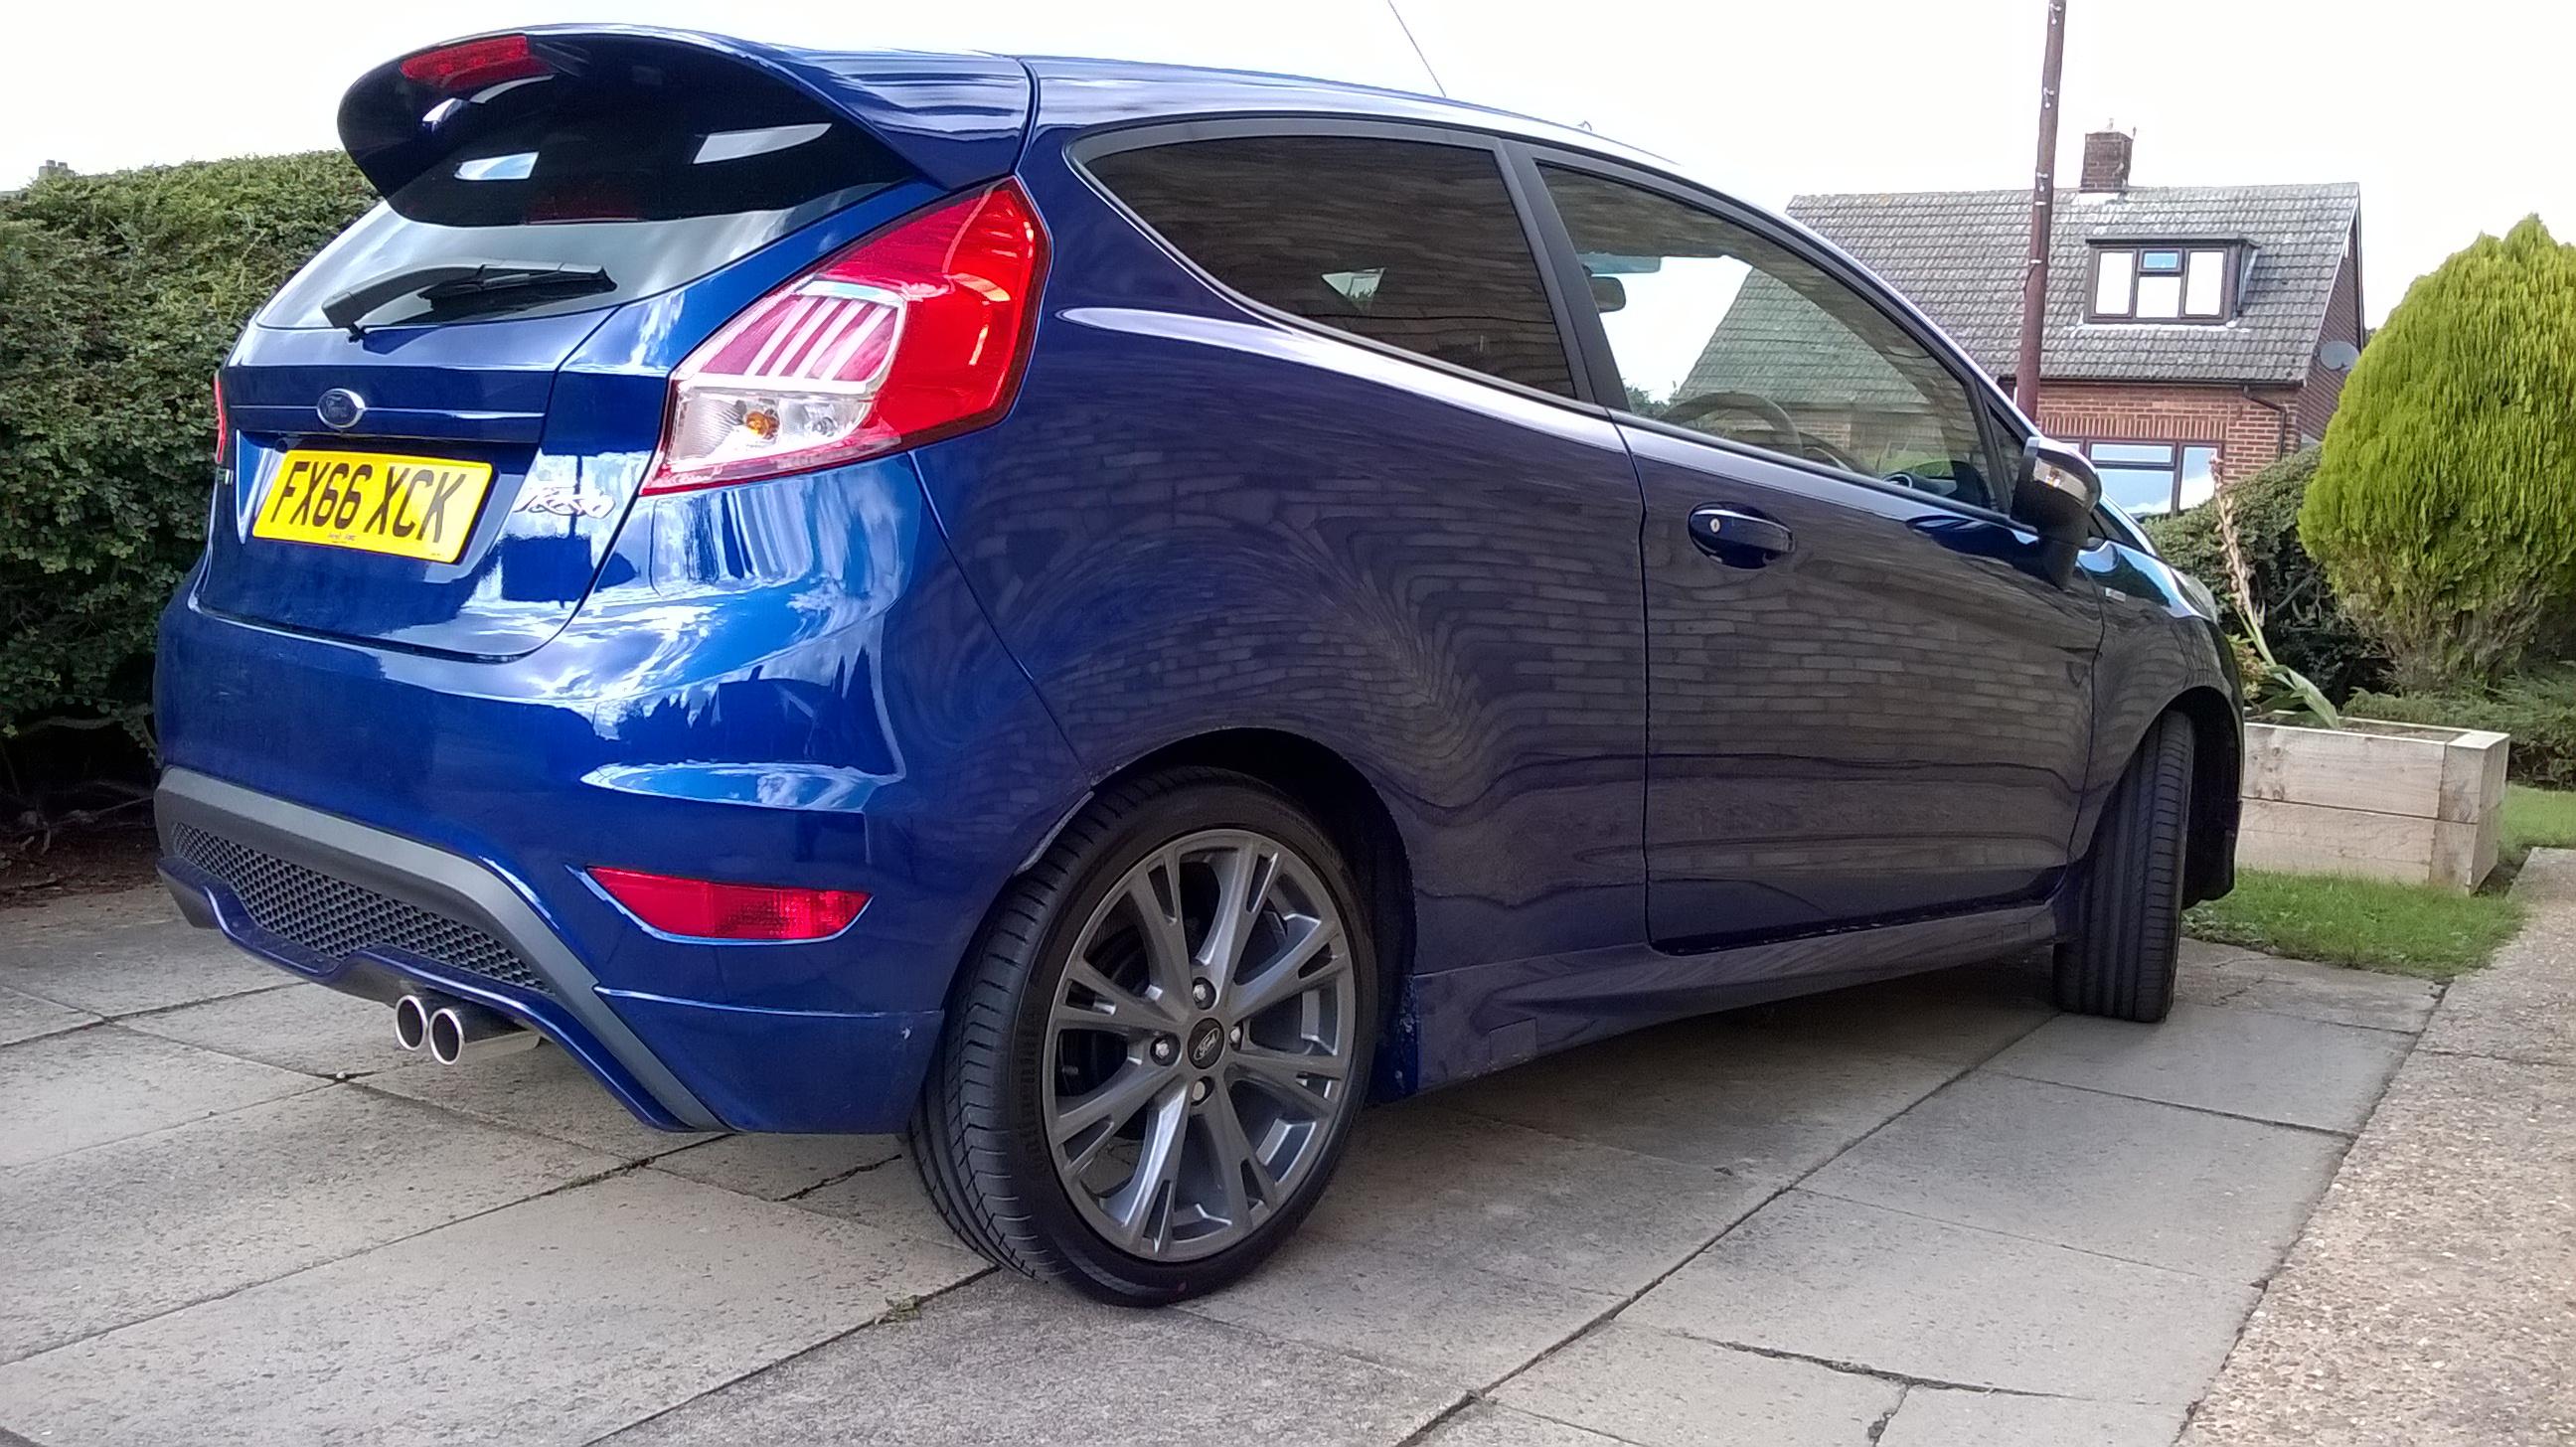 Focus St Line Deep Impact Blue >> best fiesta colour - Ford Fiesta Club - Ford Owners Club - Ford Forums